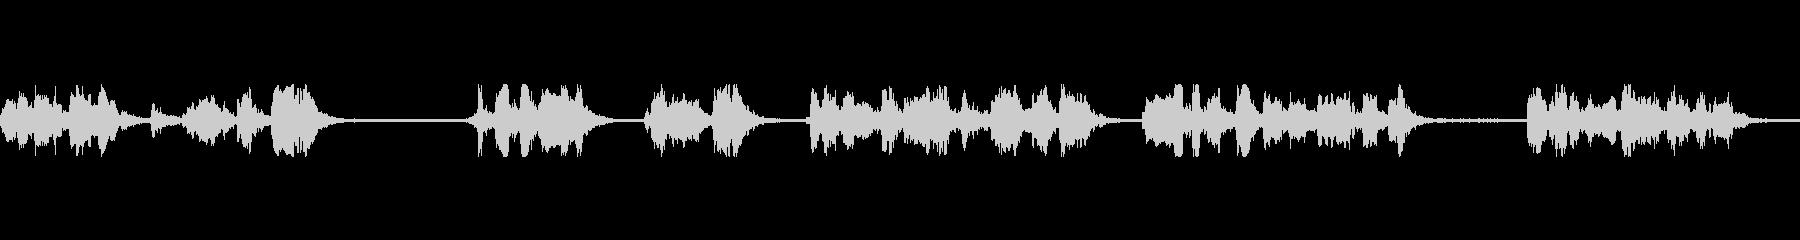 メガホントーク公開アドレスの未再生の波形